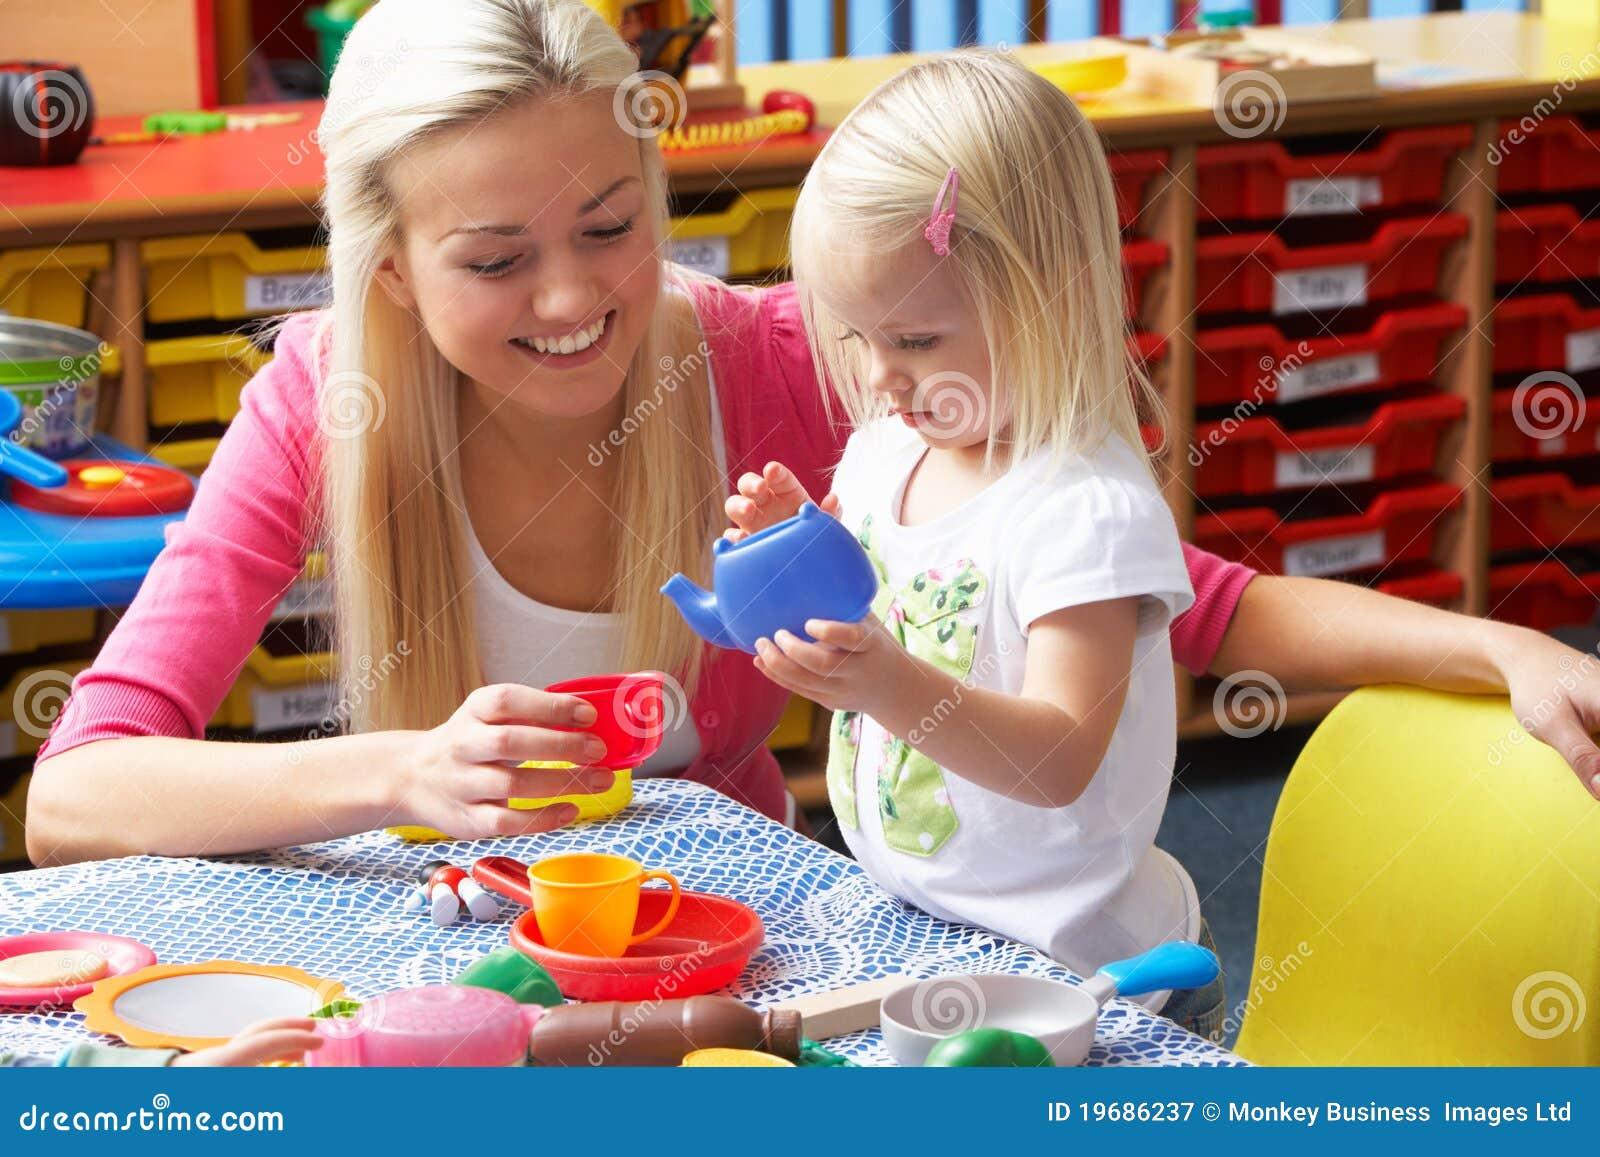 Ролевые игра с мамой 7 фотография